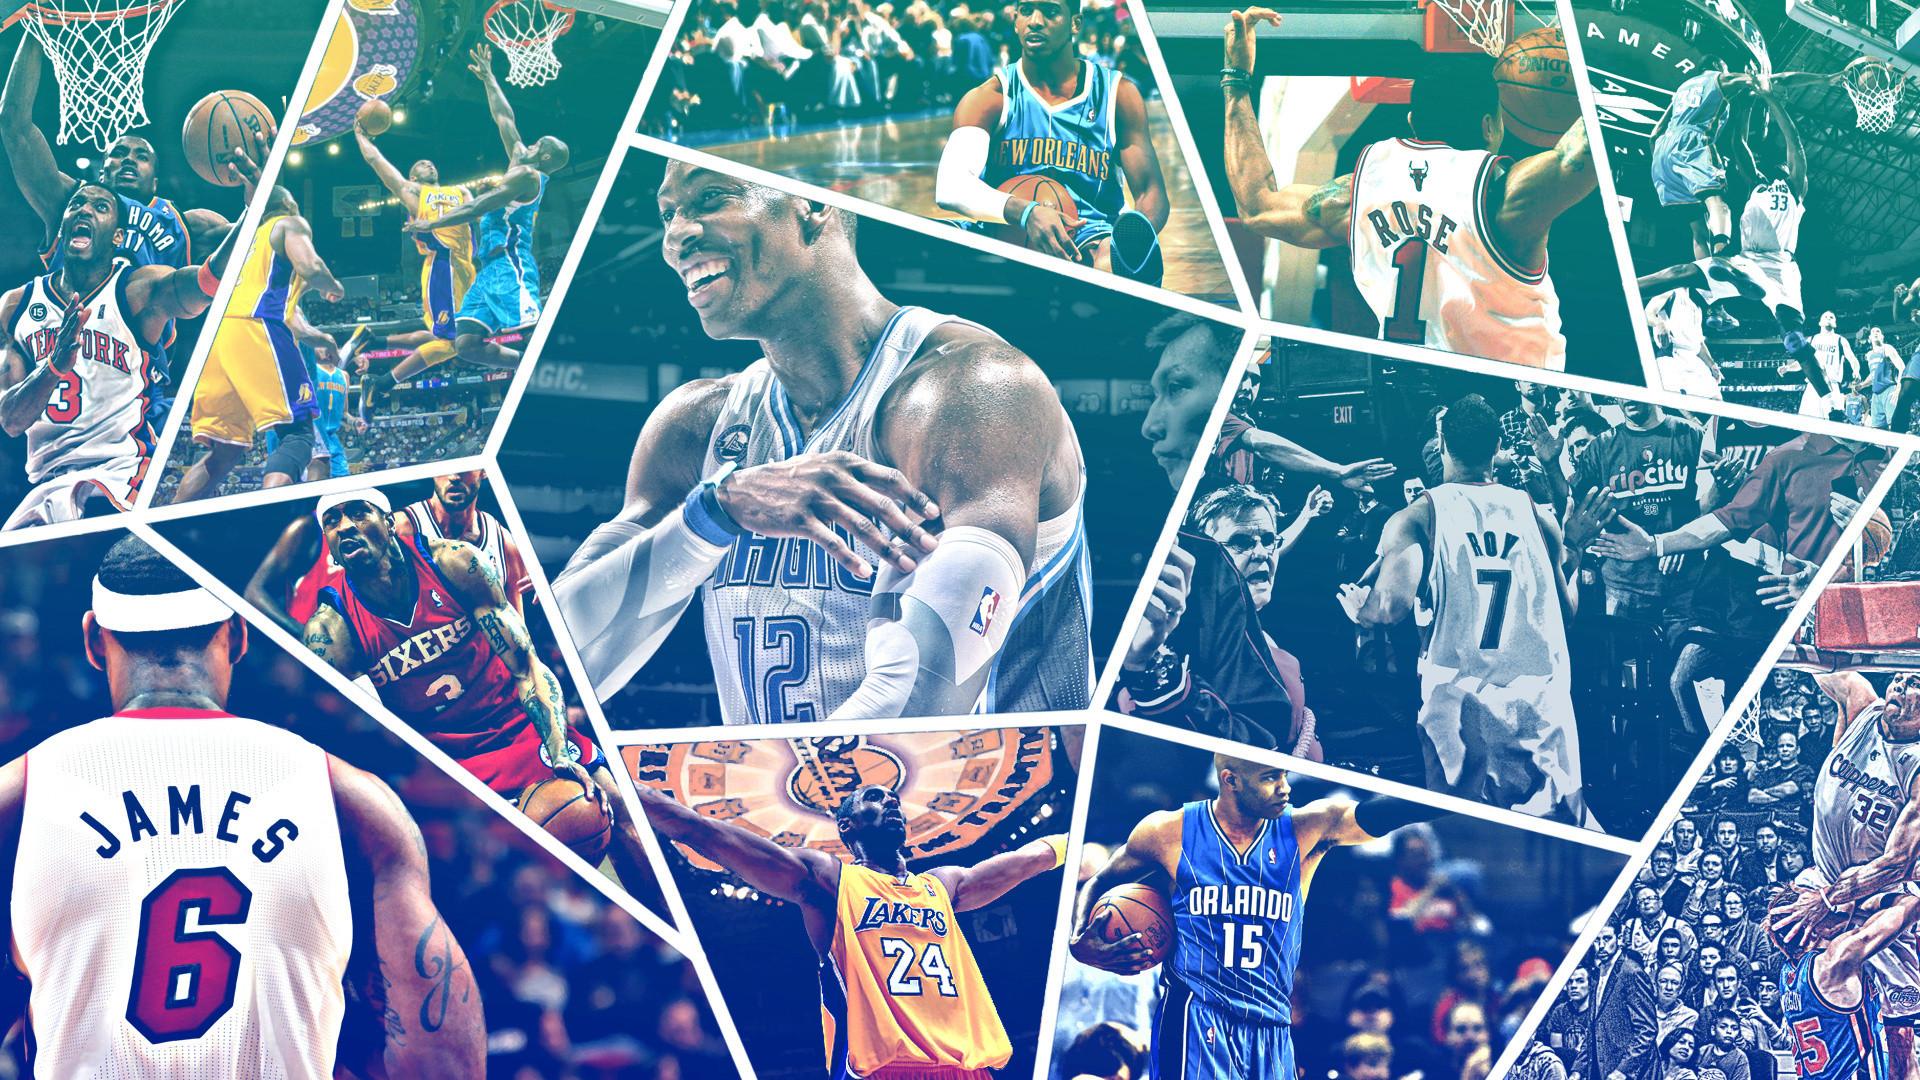 44 Duke Basketball Wallpaper 2018